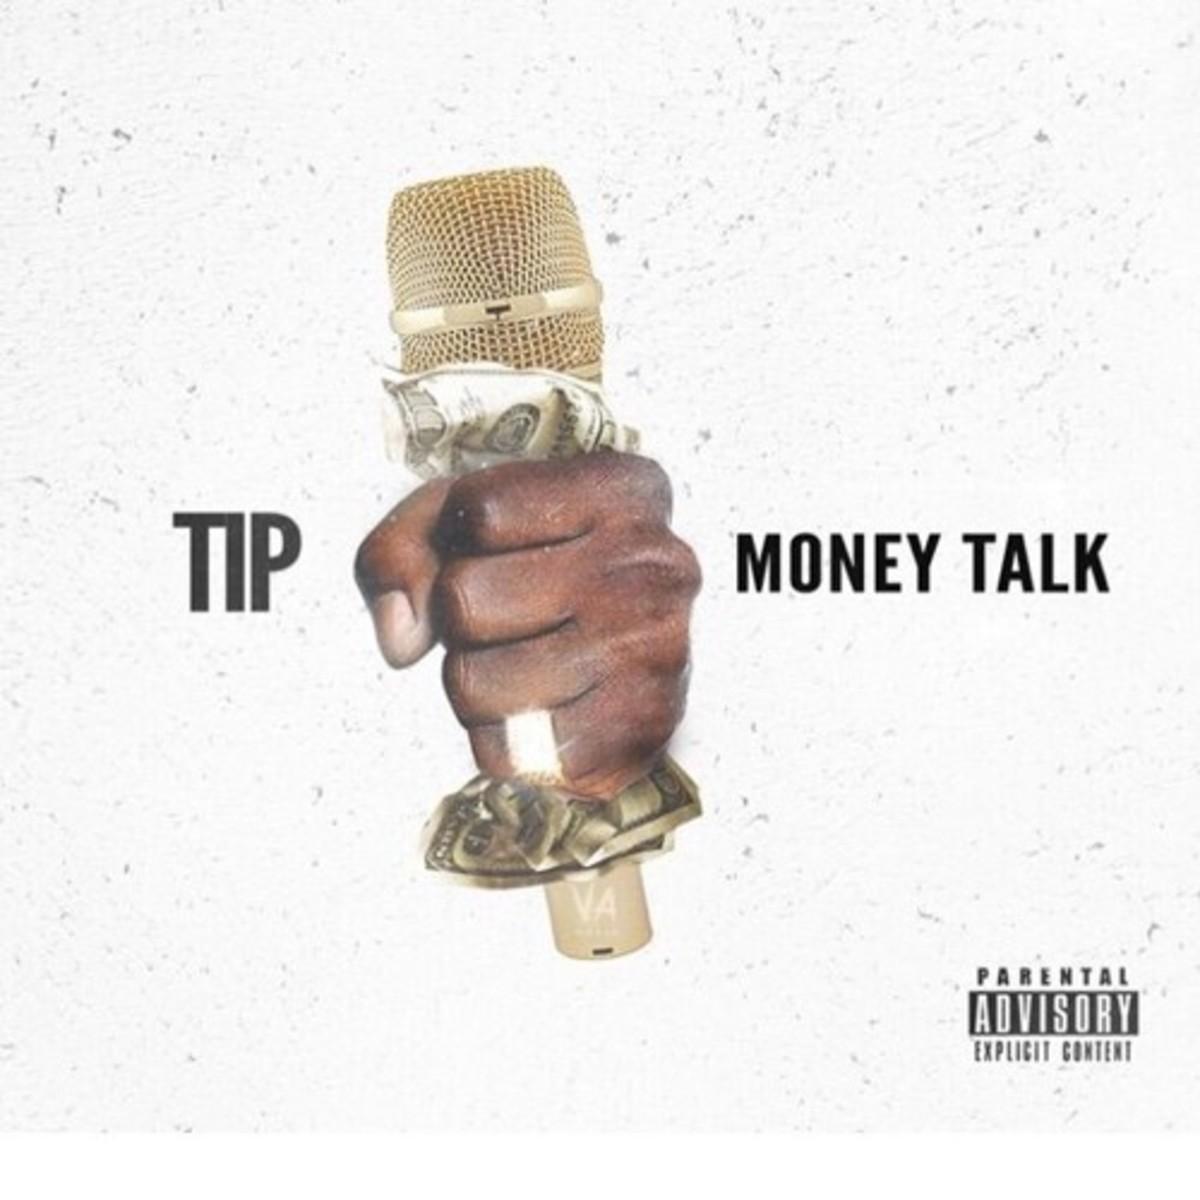 ti-money-talk.jpg